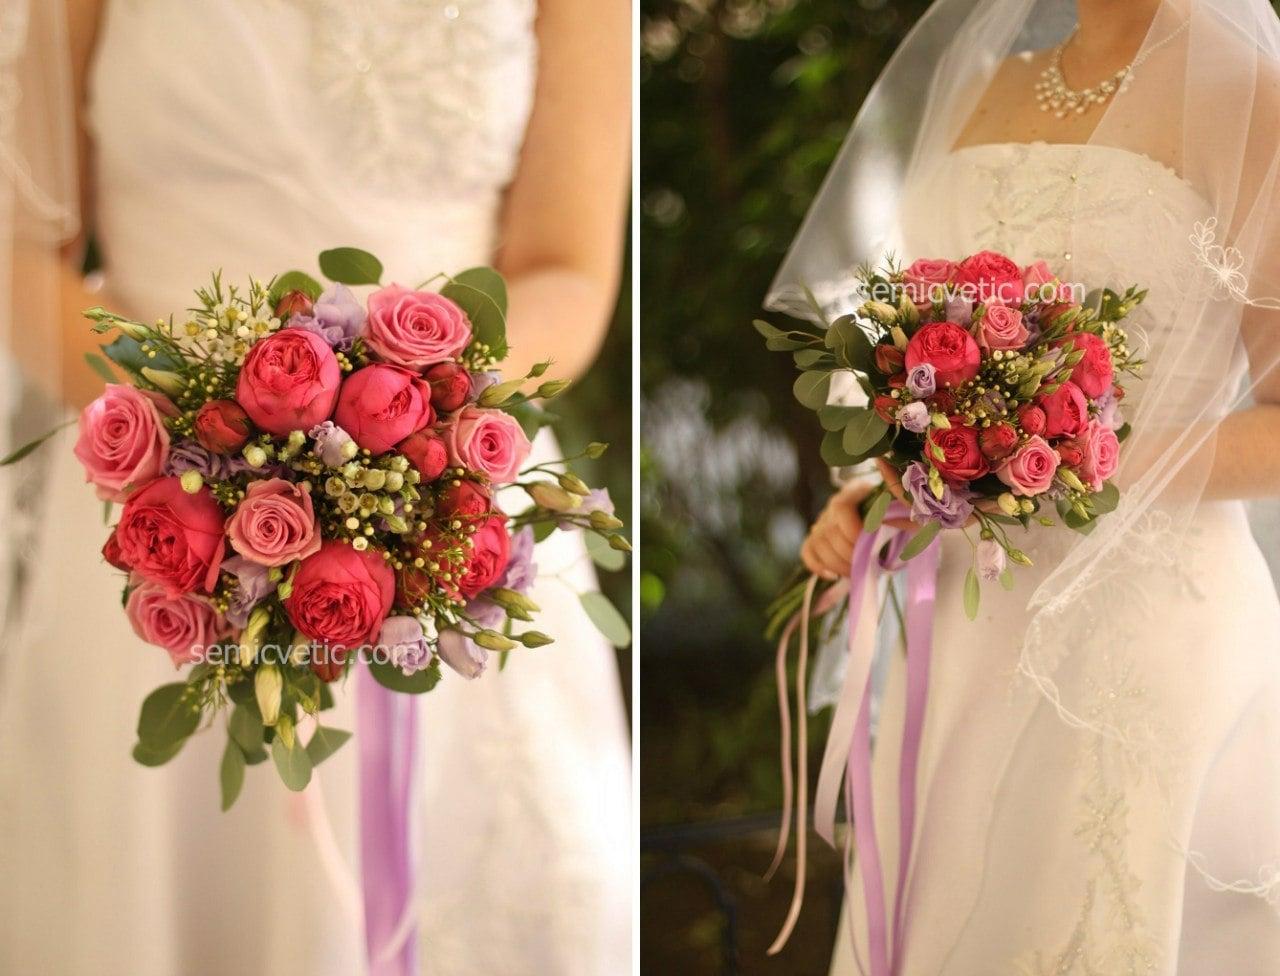 Свадебный букет из пионовидной розы, лизиантуса и брунии фото